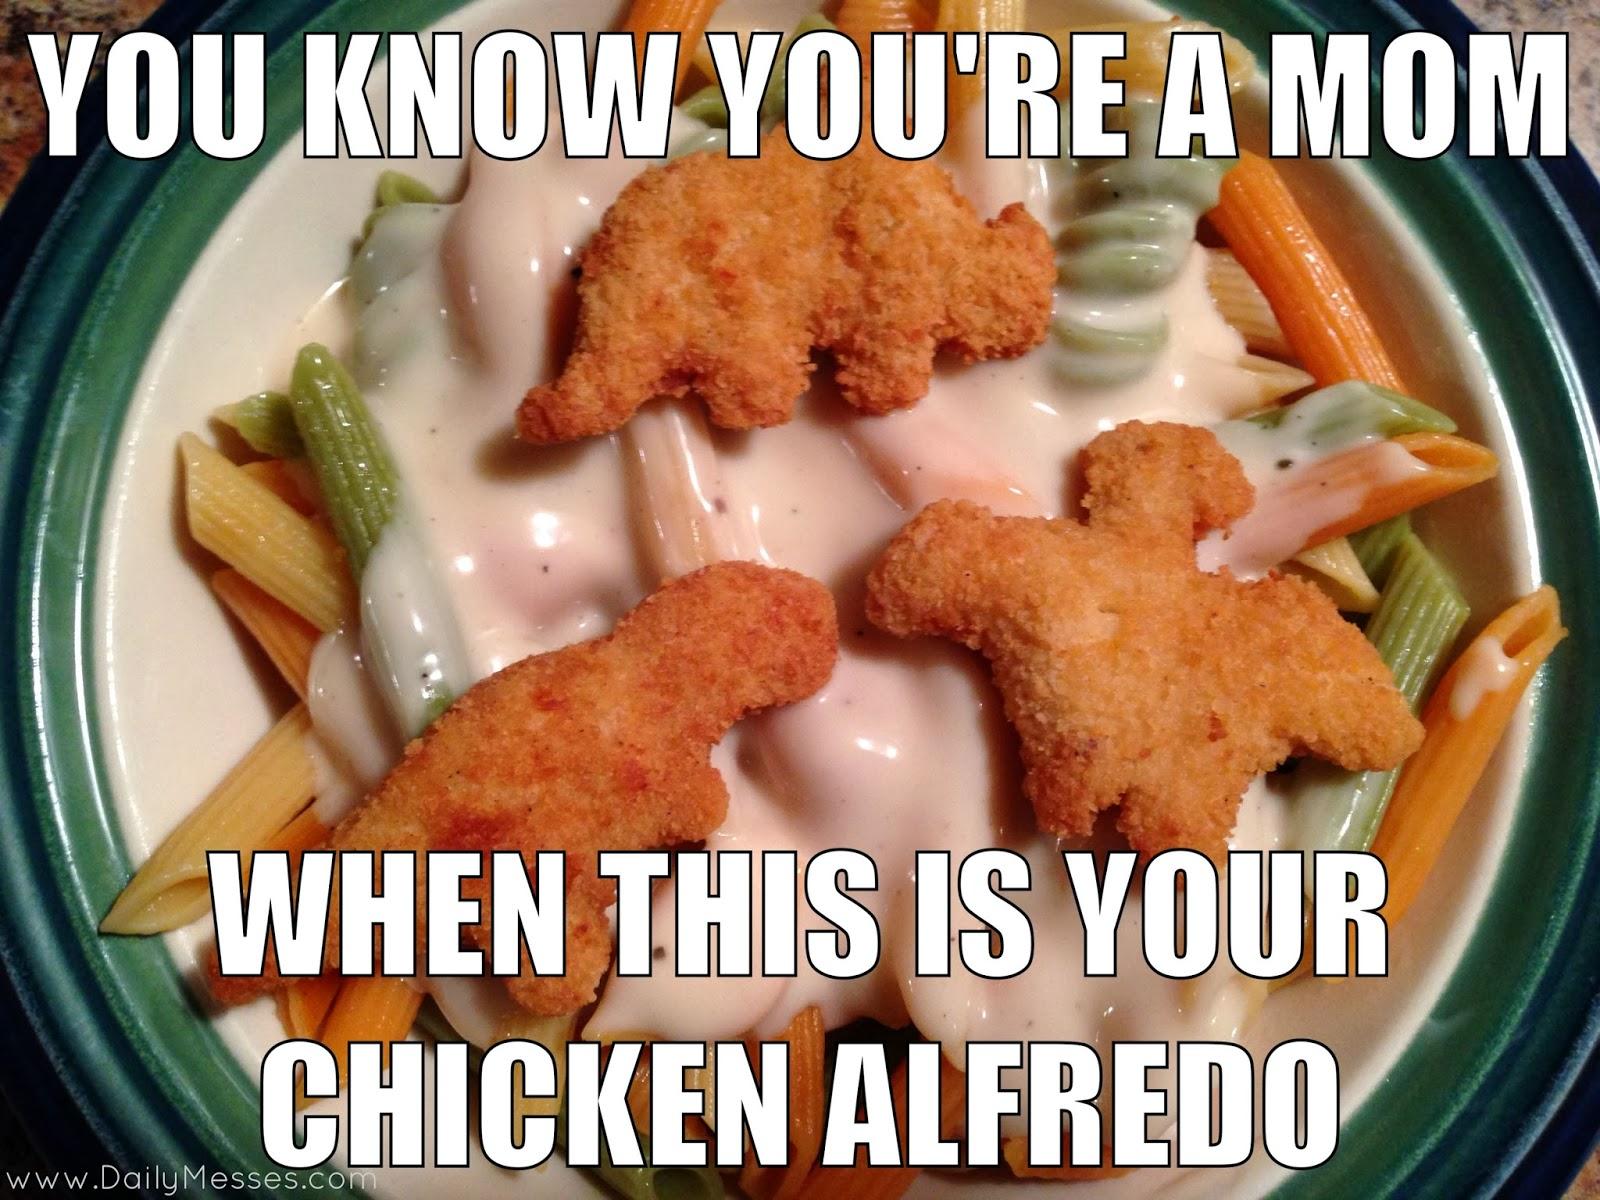 Fried chicken watermelon meme